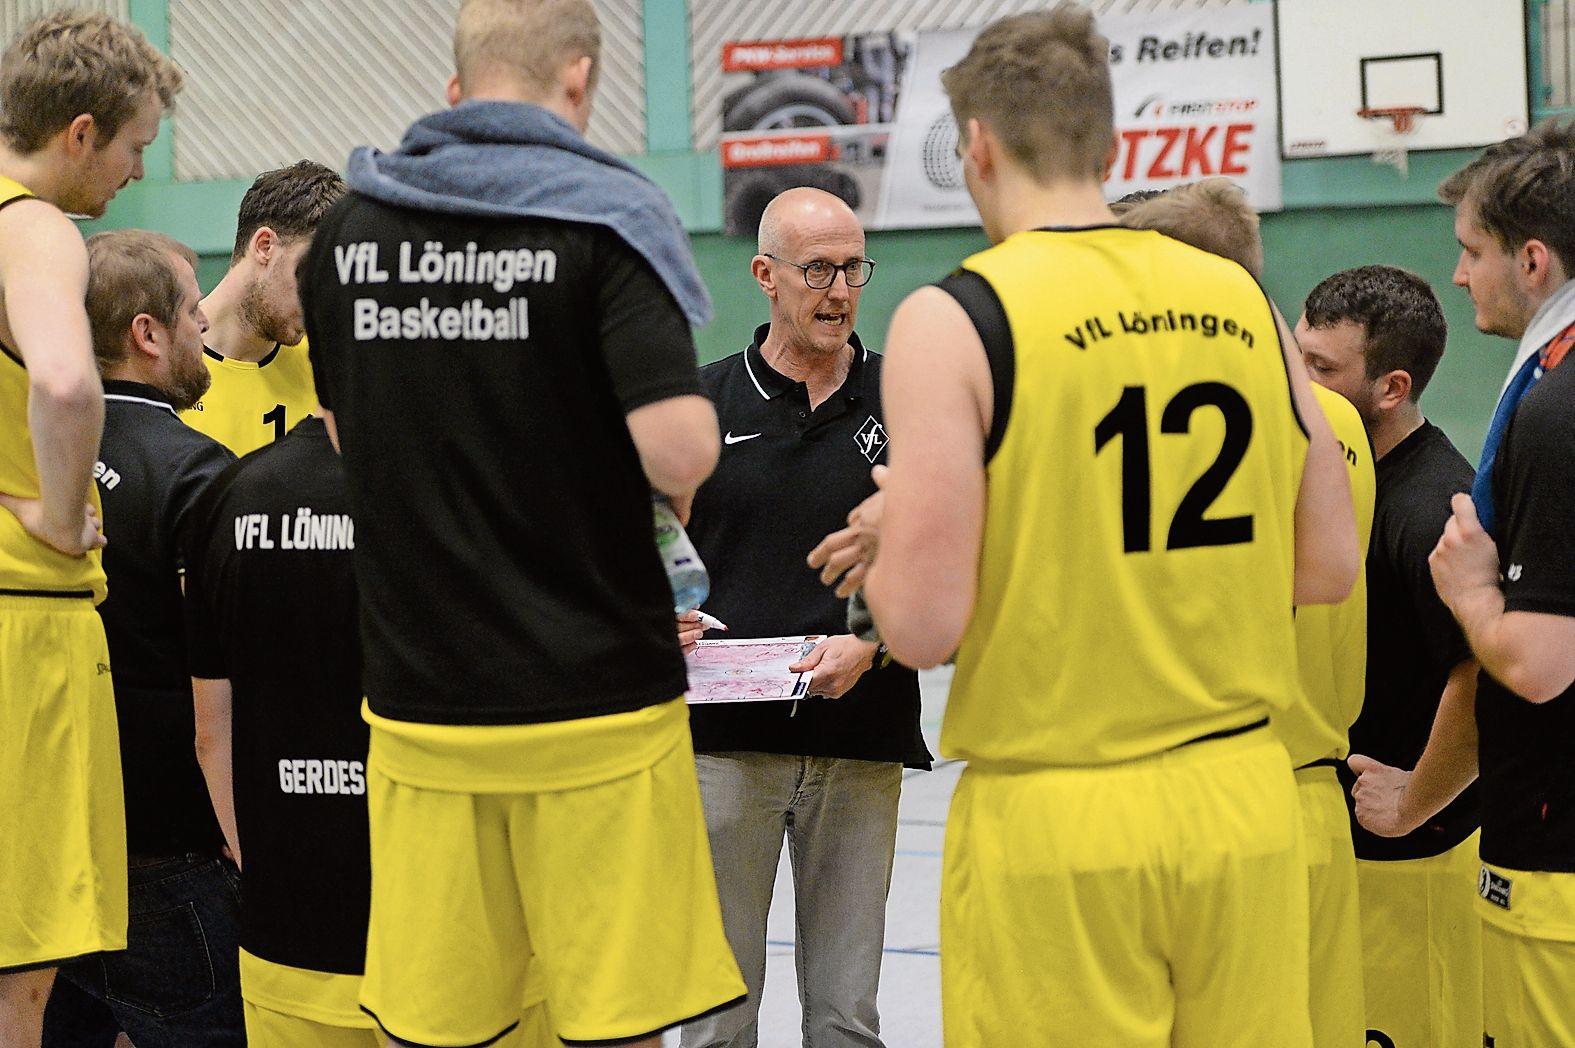 Bald geht's wieder los: Der Löninger Trainer Guido Thöle (Mitte) freut sich schon riesig darauf, seine Spieler beim Mannschaftstraining wiederzusehen. Archivfoto: Langosch